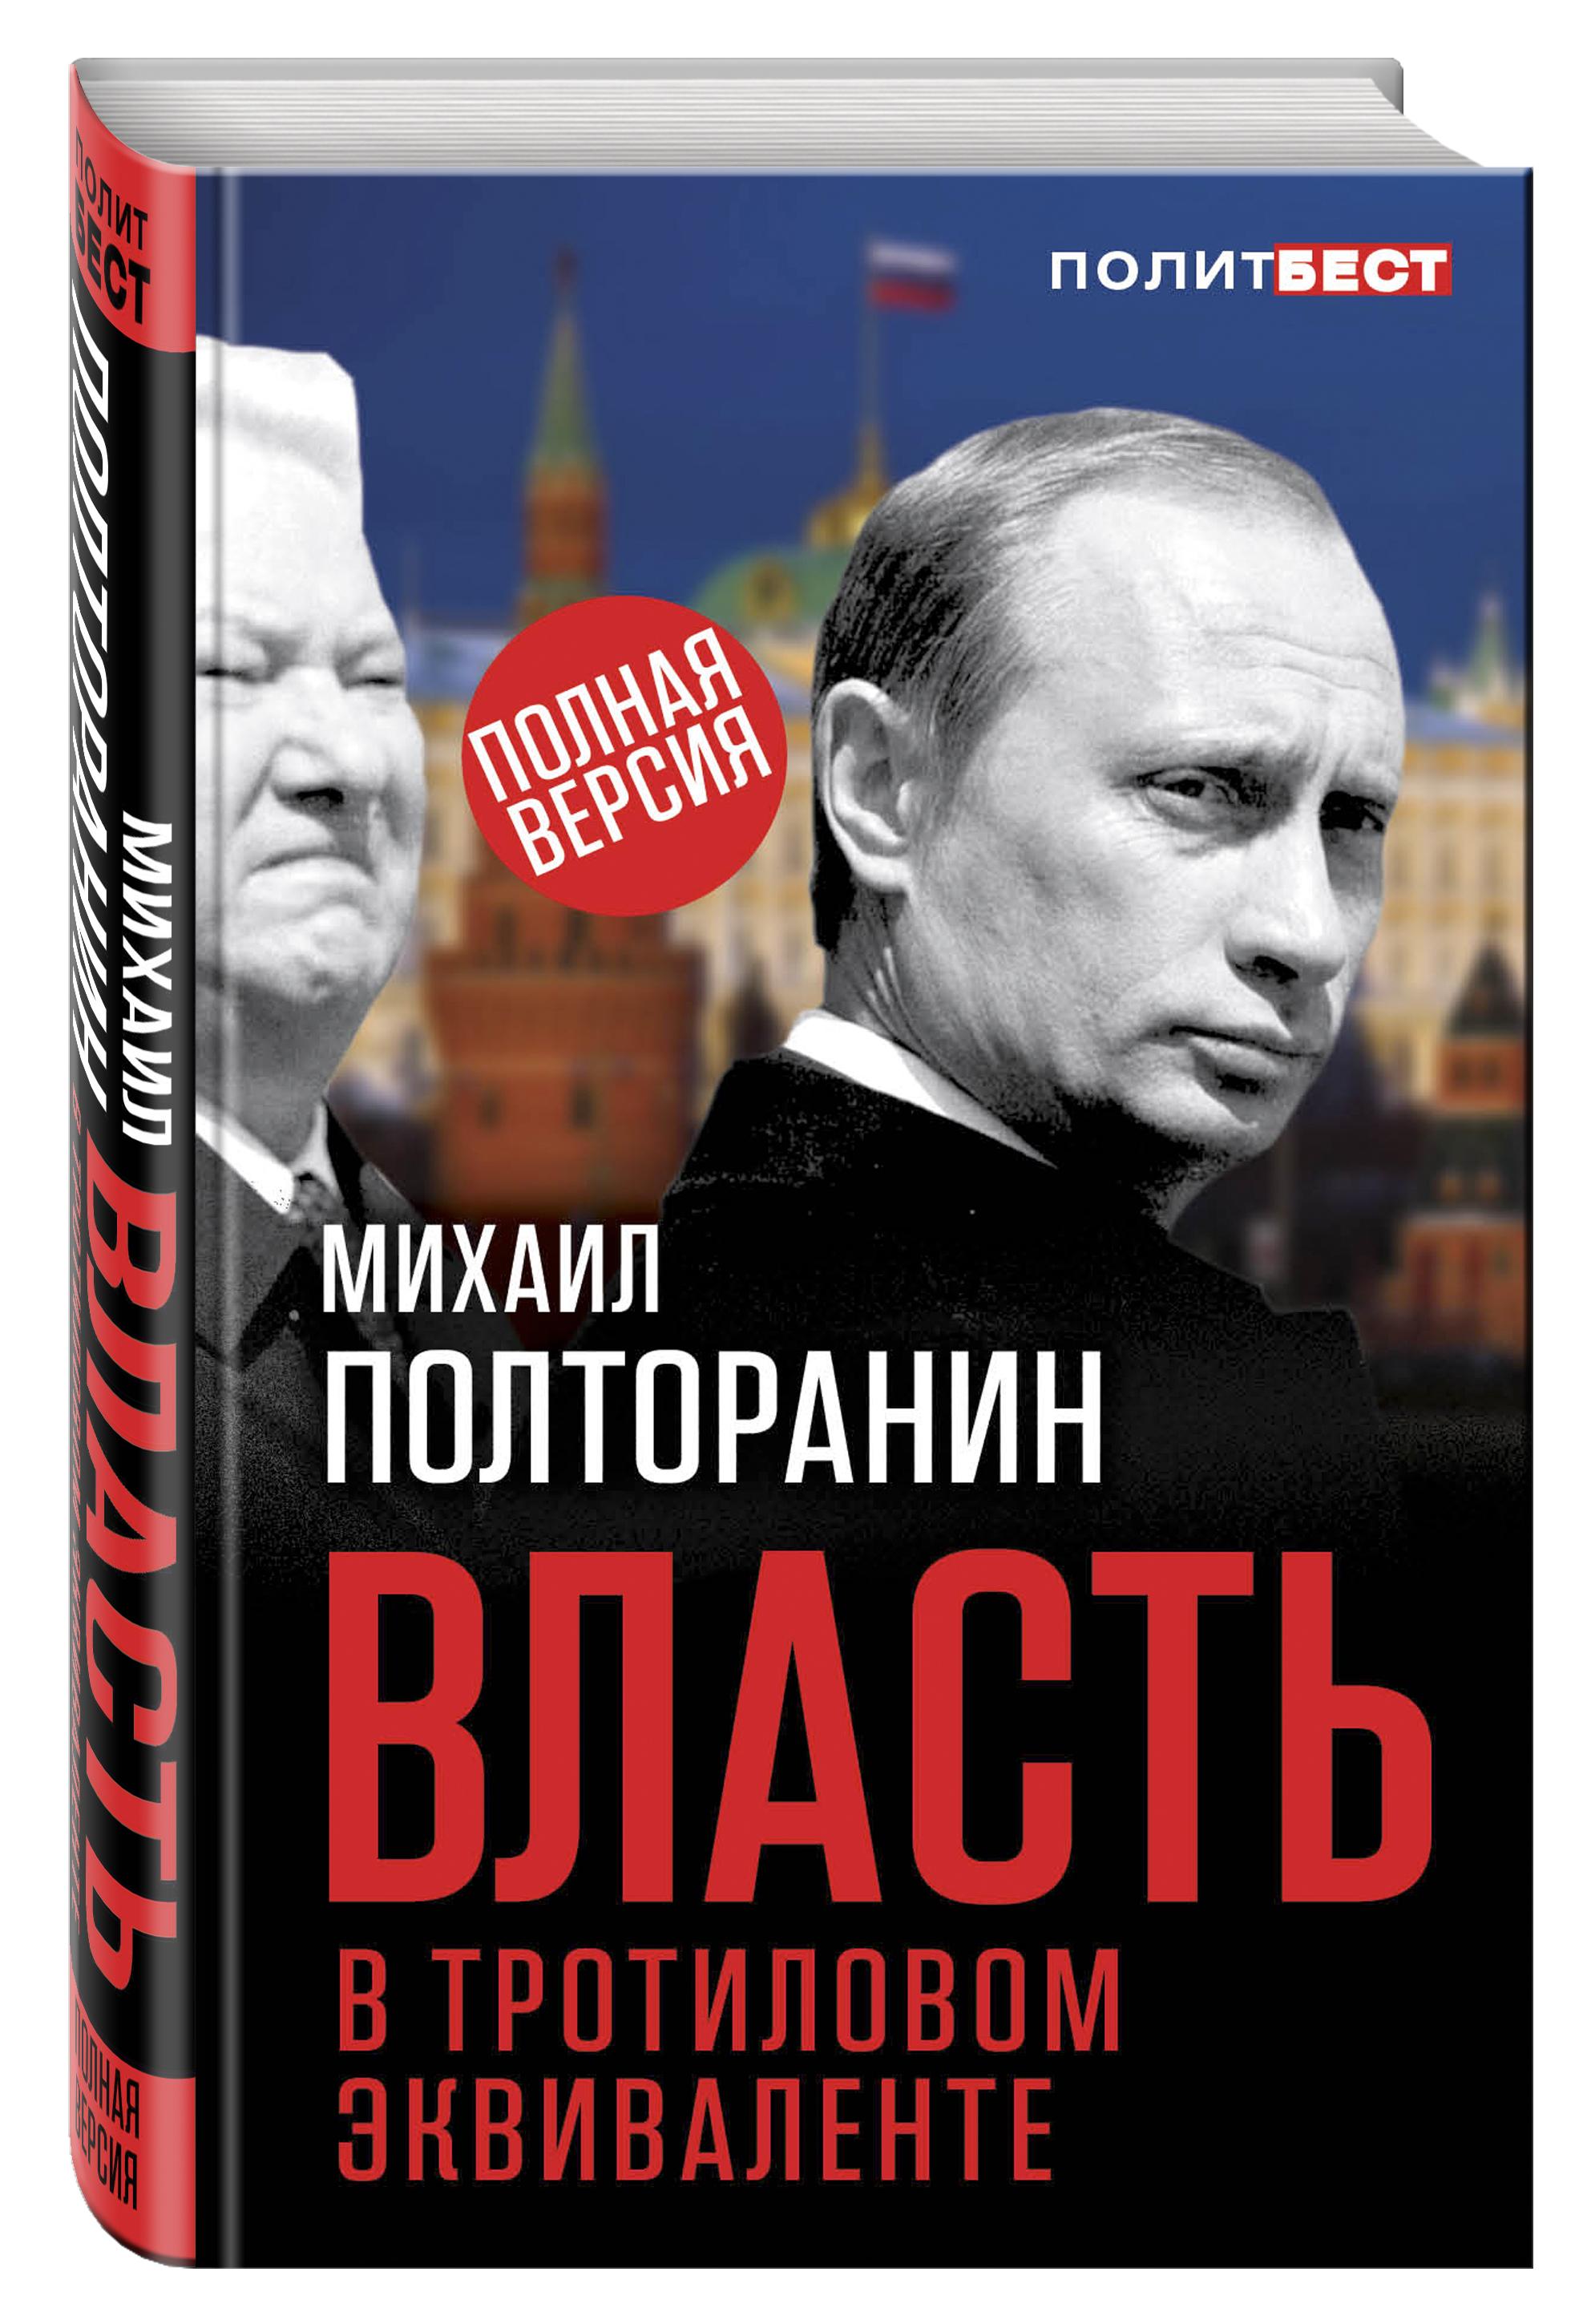 Власть в тротиловом эквиваленте. Полная версия от book24.ru